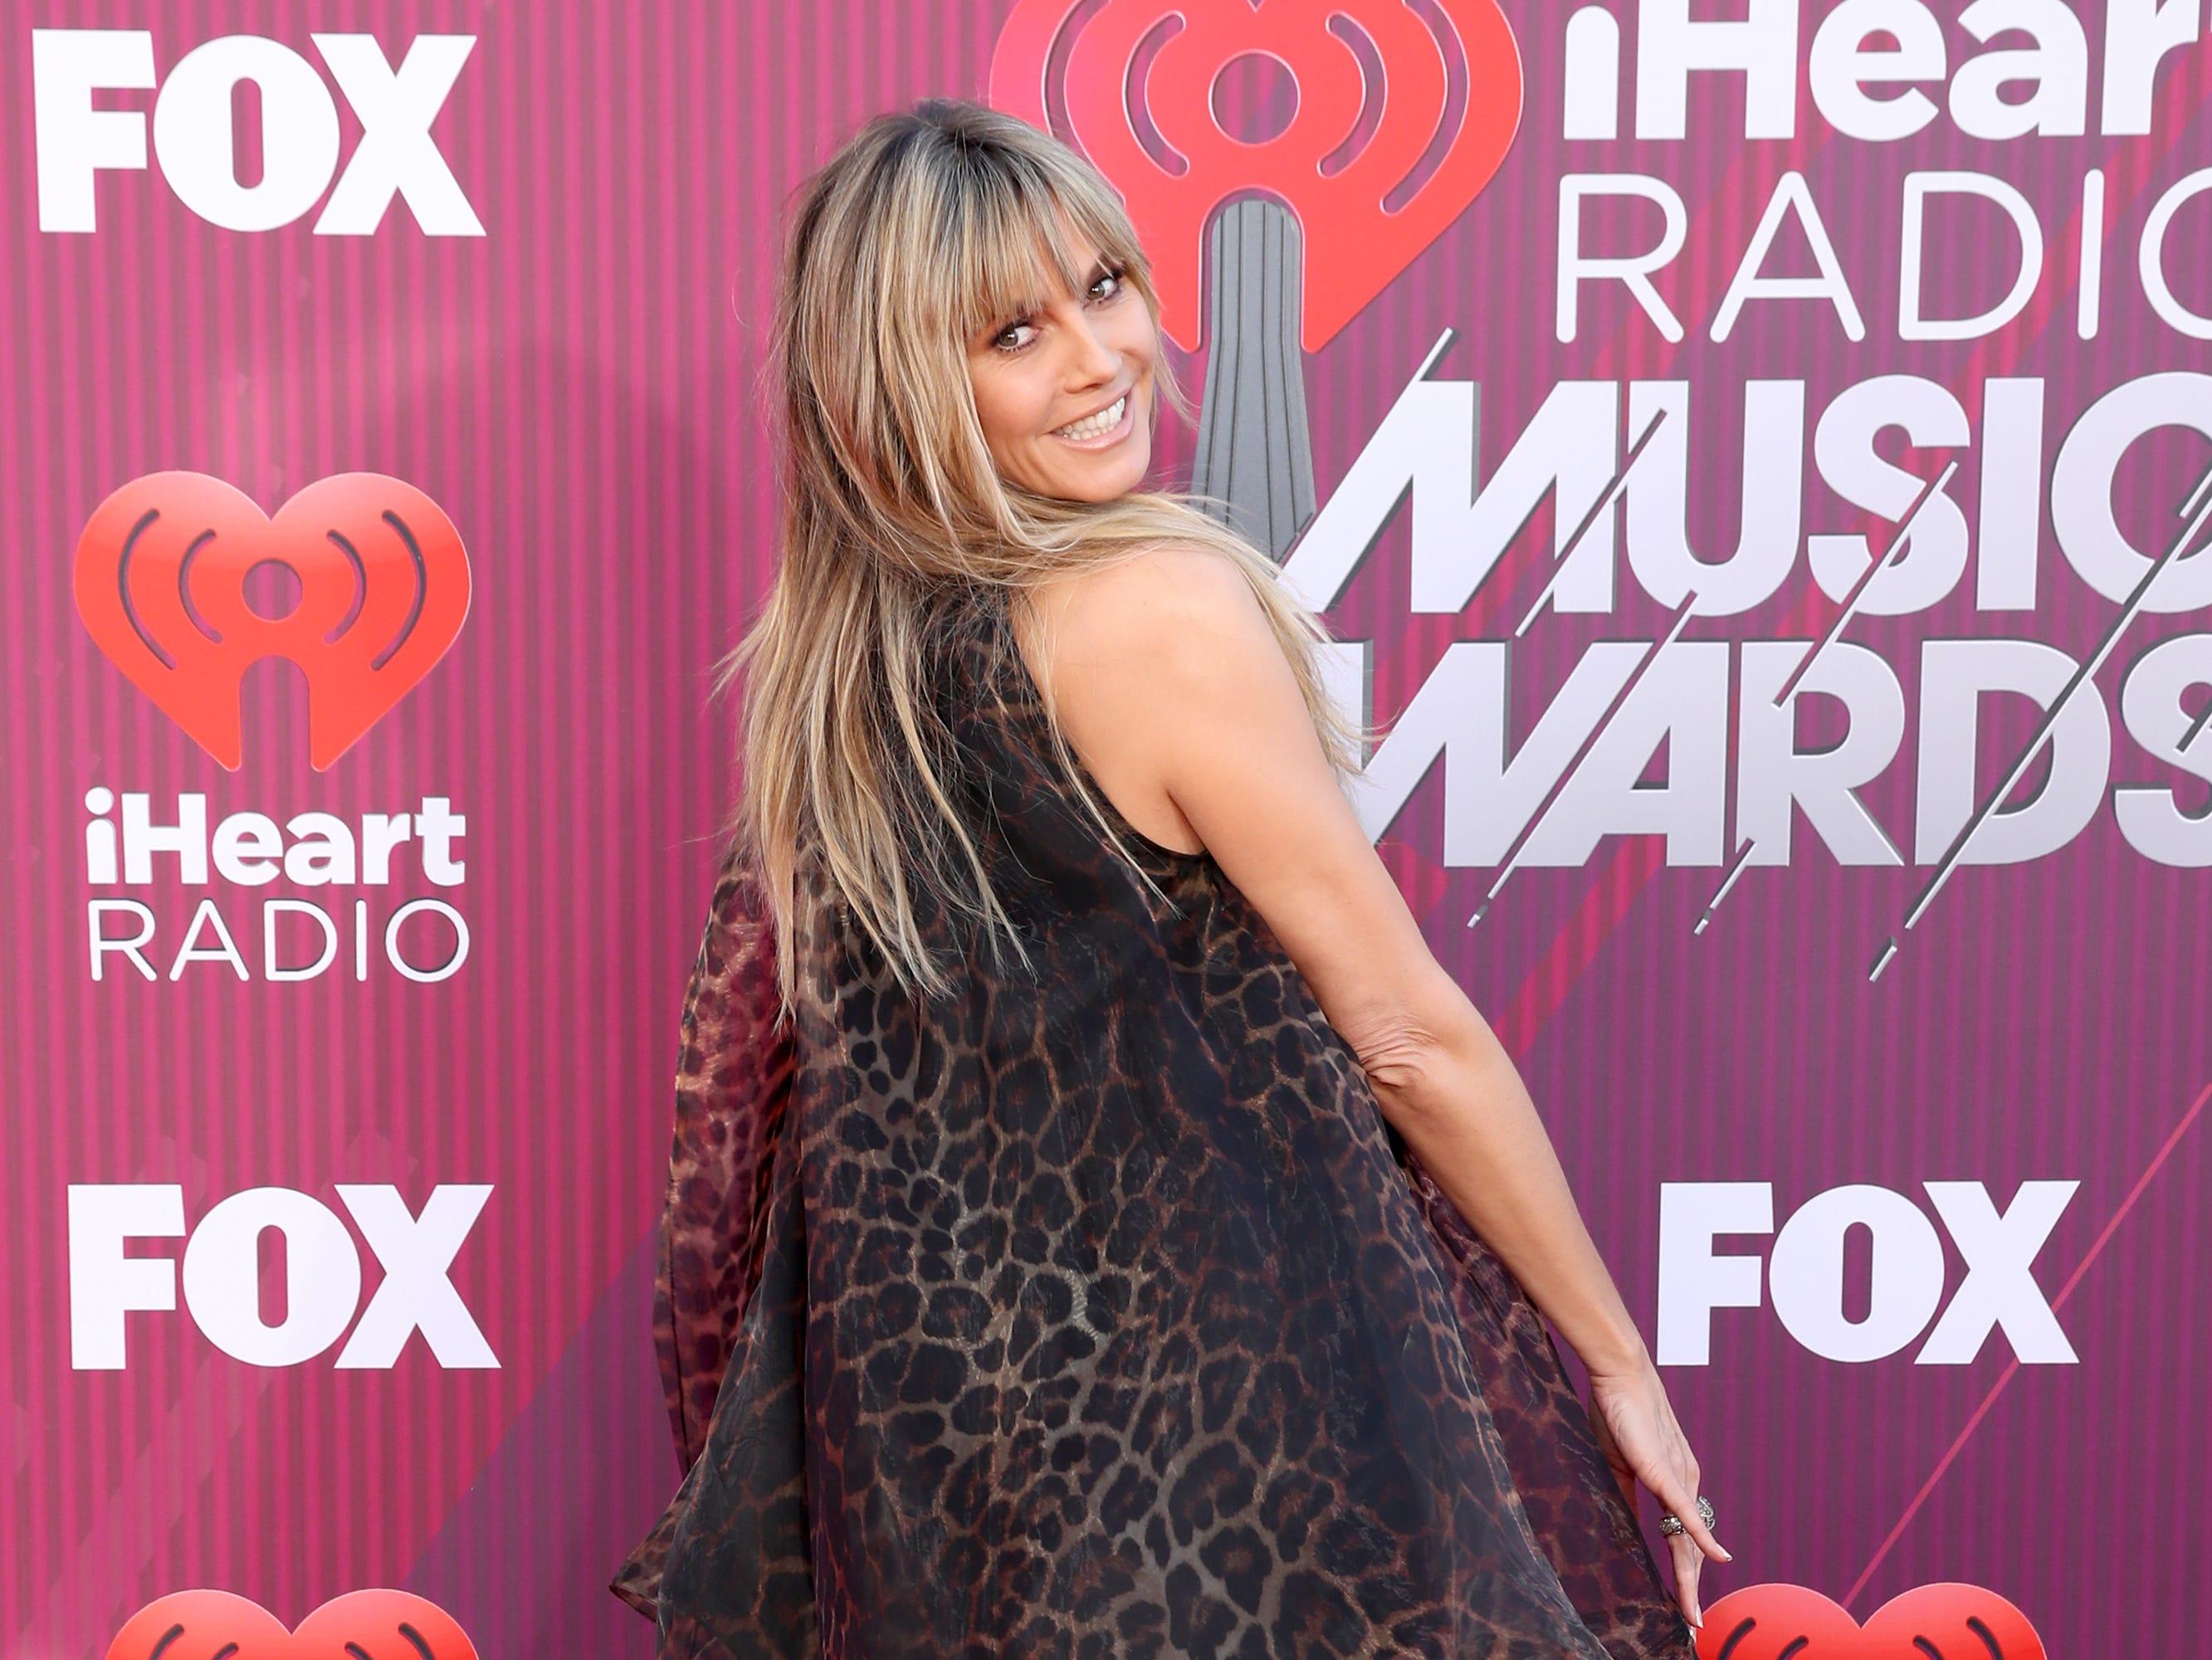 Heidi Klum a su llegada a los premios iHeart Radio Music Awards en 2019 el 14 de marzo de 2019 en Los Angeles, California.